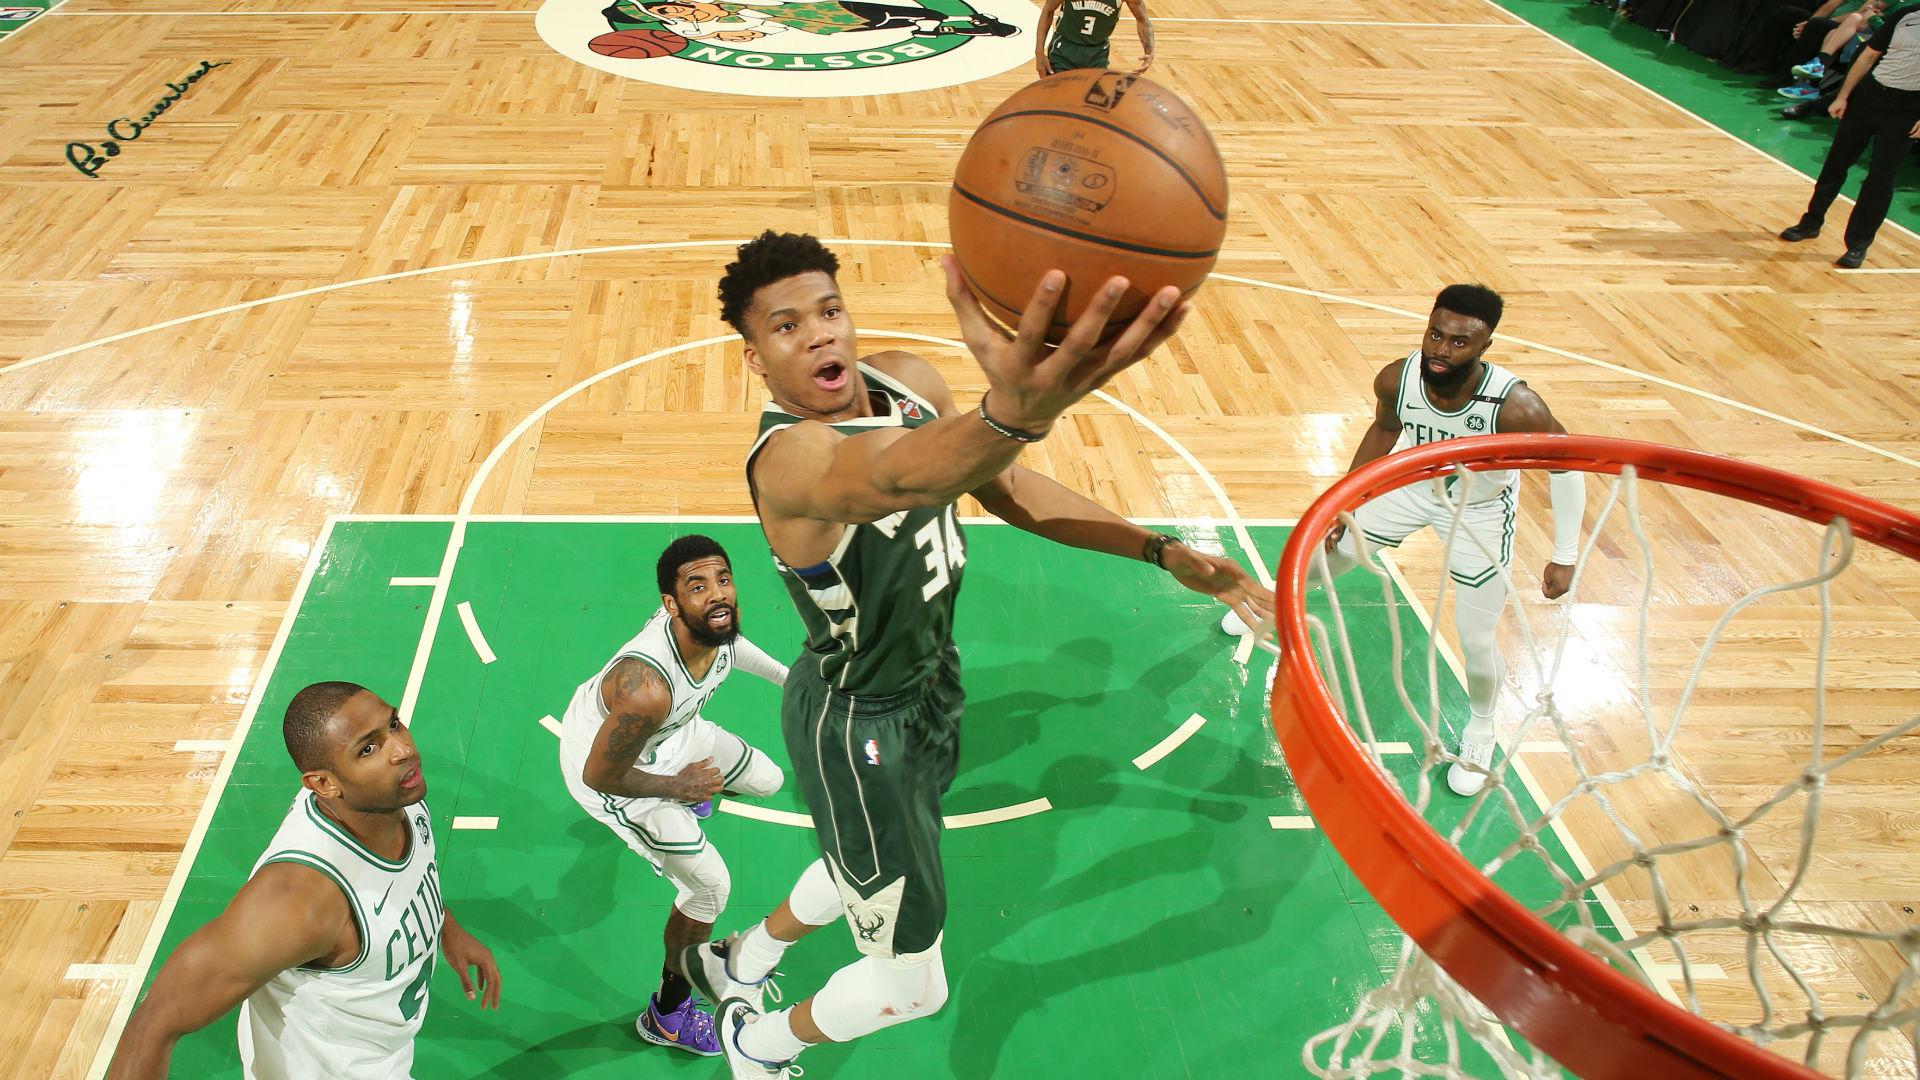 NBA Playoffs 2019: Giannis Antetokounmpo Leads Milwaukee